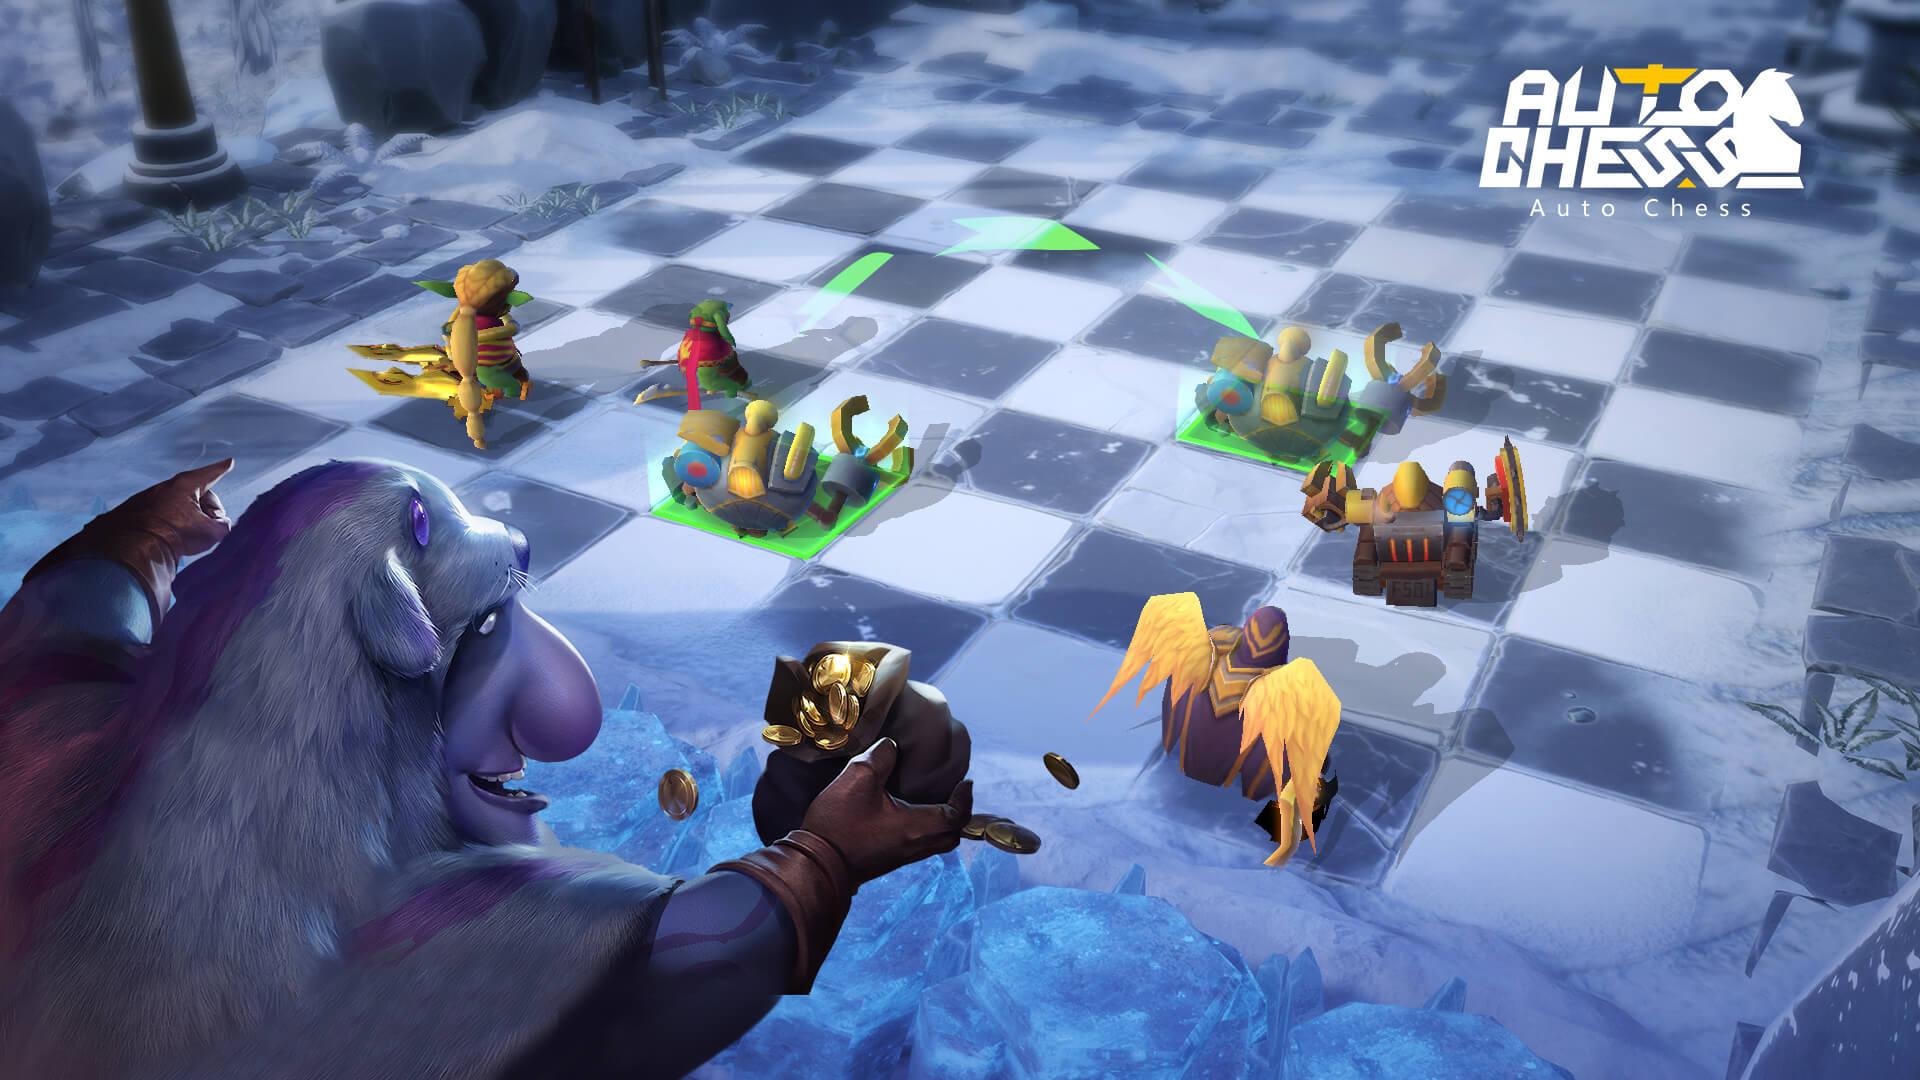 Hướng dẫn cài đặt và chơi Auto Chess trê...